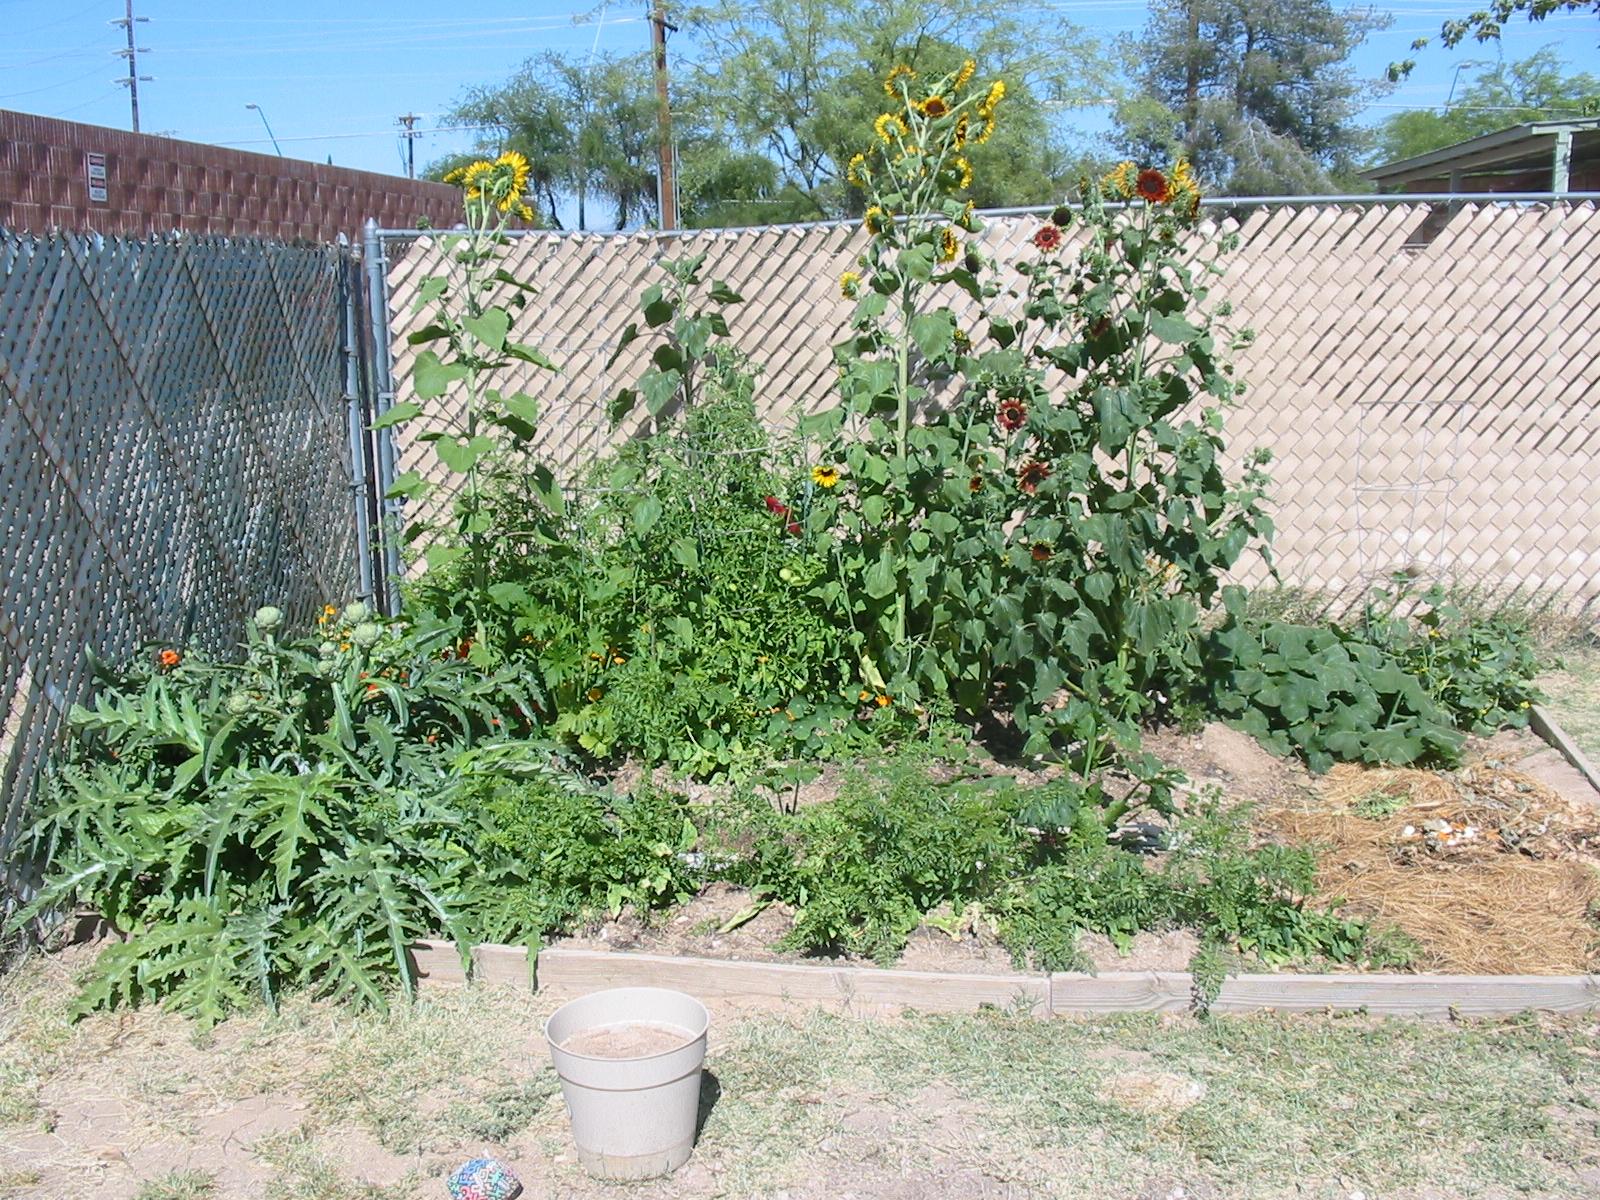 Tucson Gardening Best Orientation For Raised Bed Garden